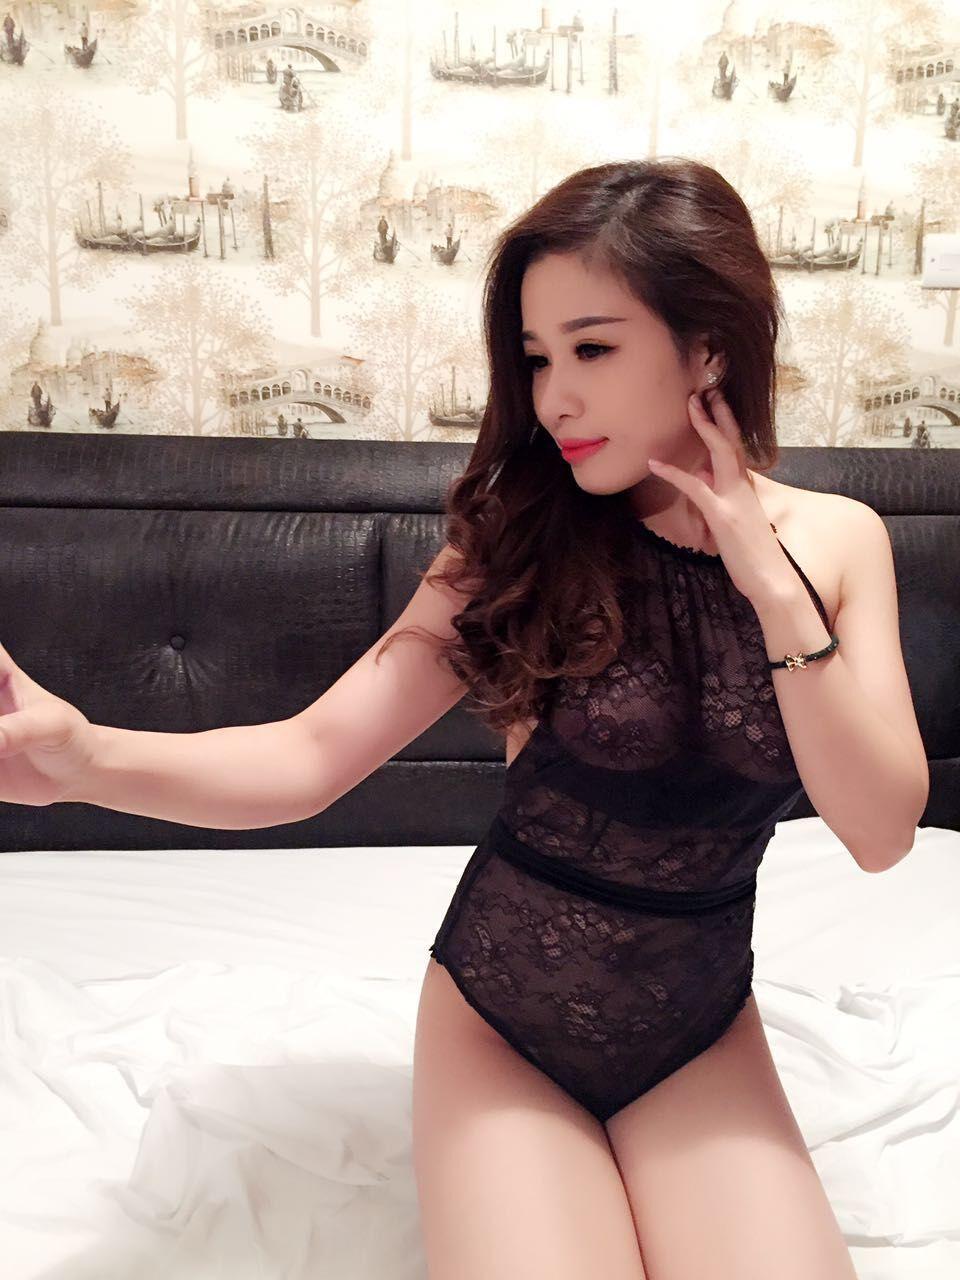 dress vietnam girl escort